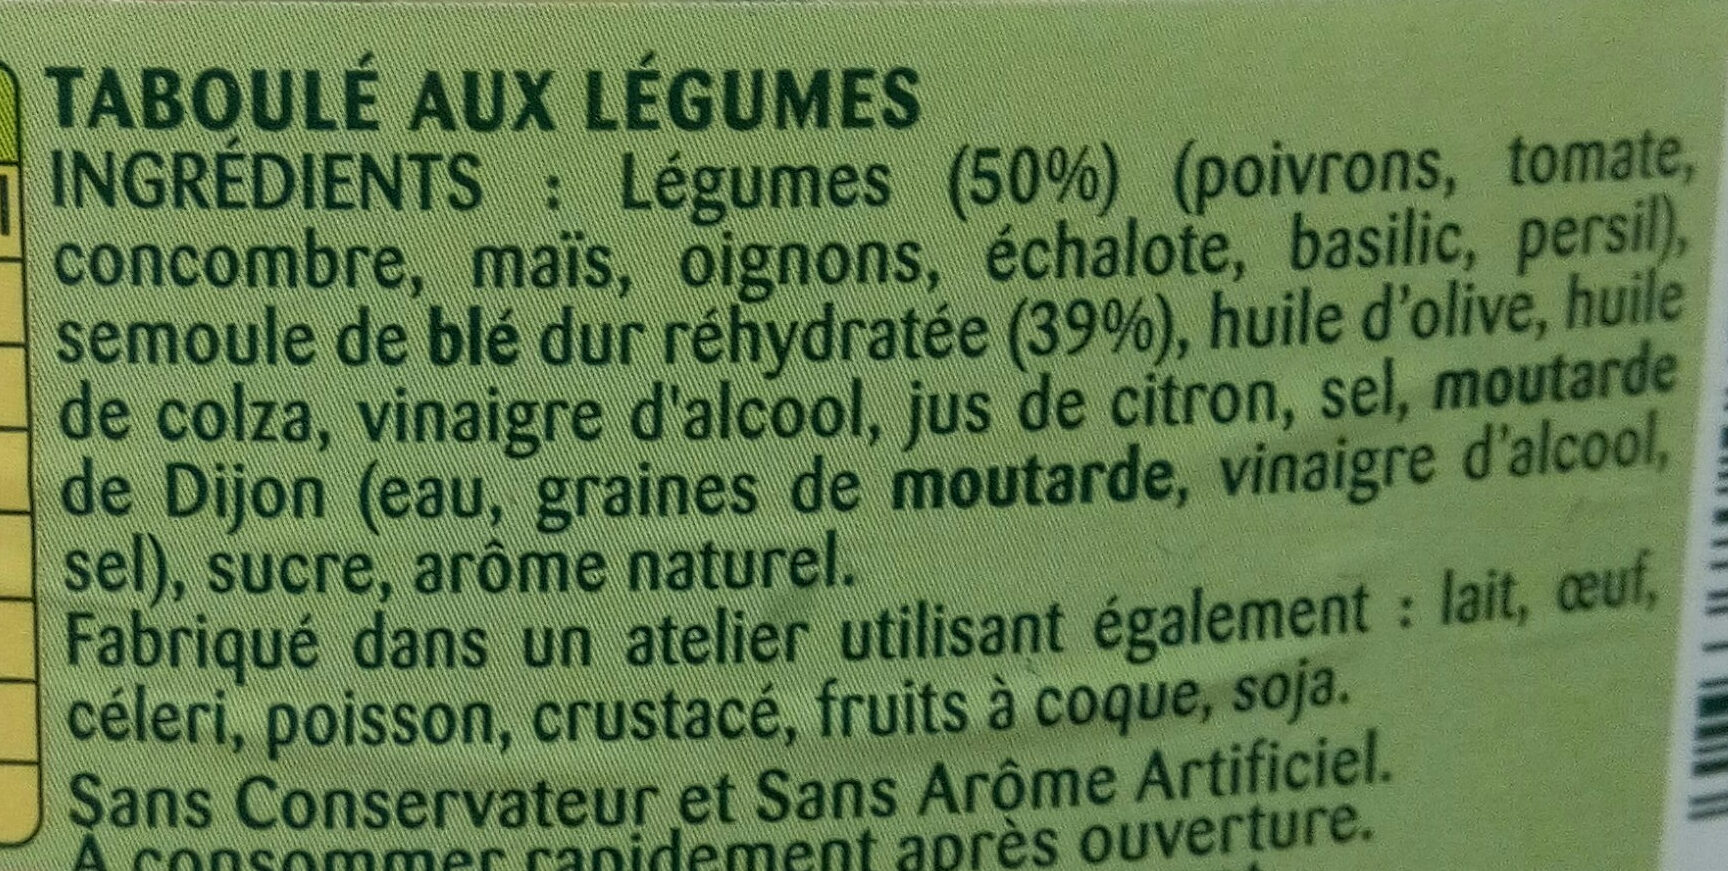 Taboulé Légumes - Ingredients